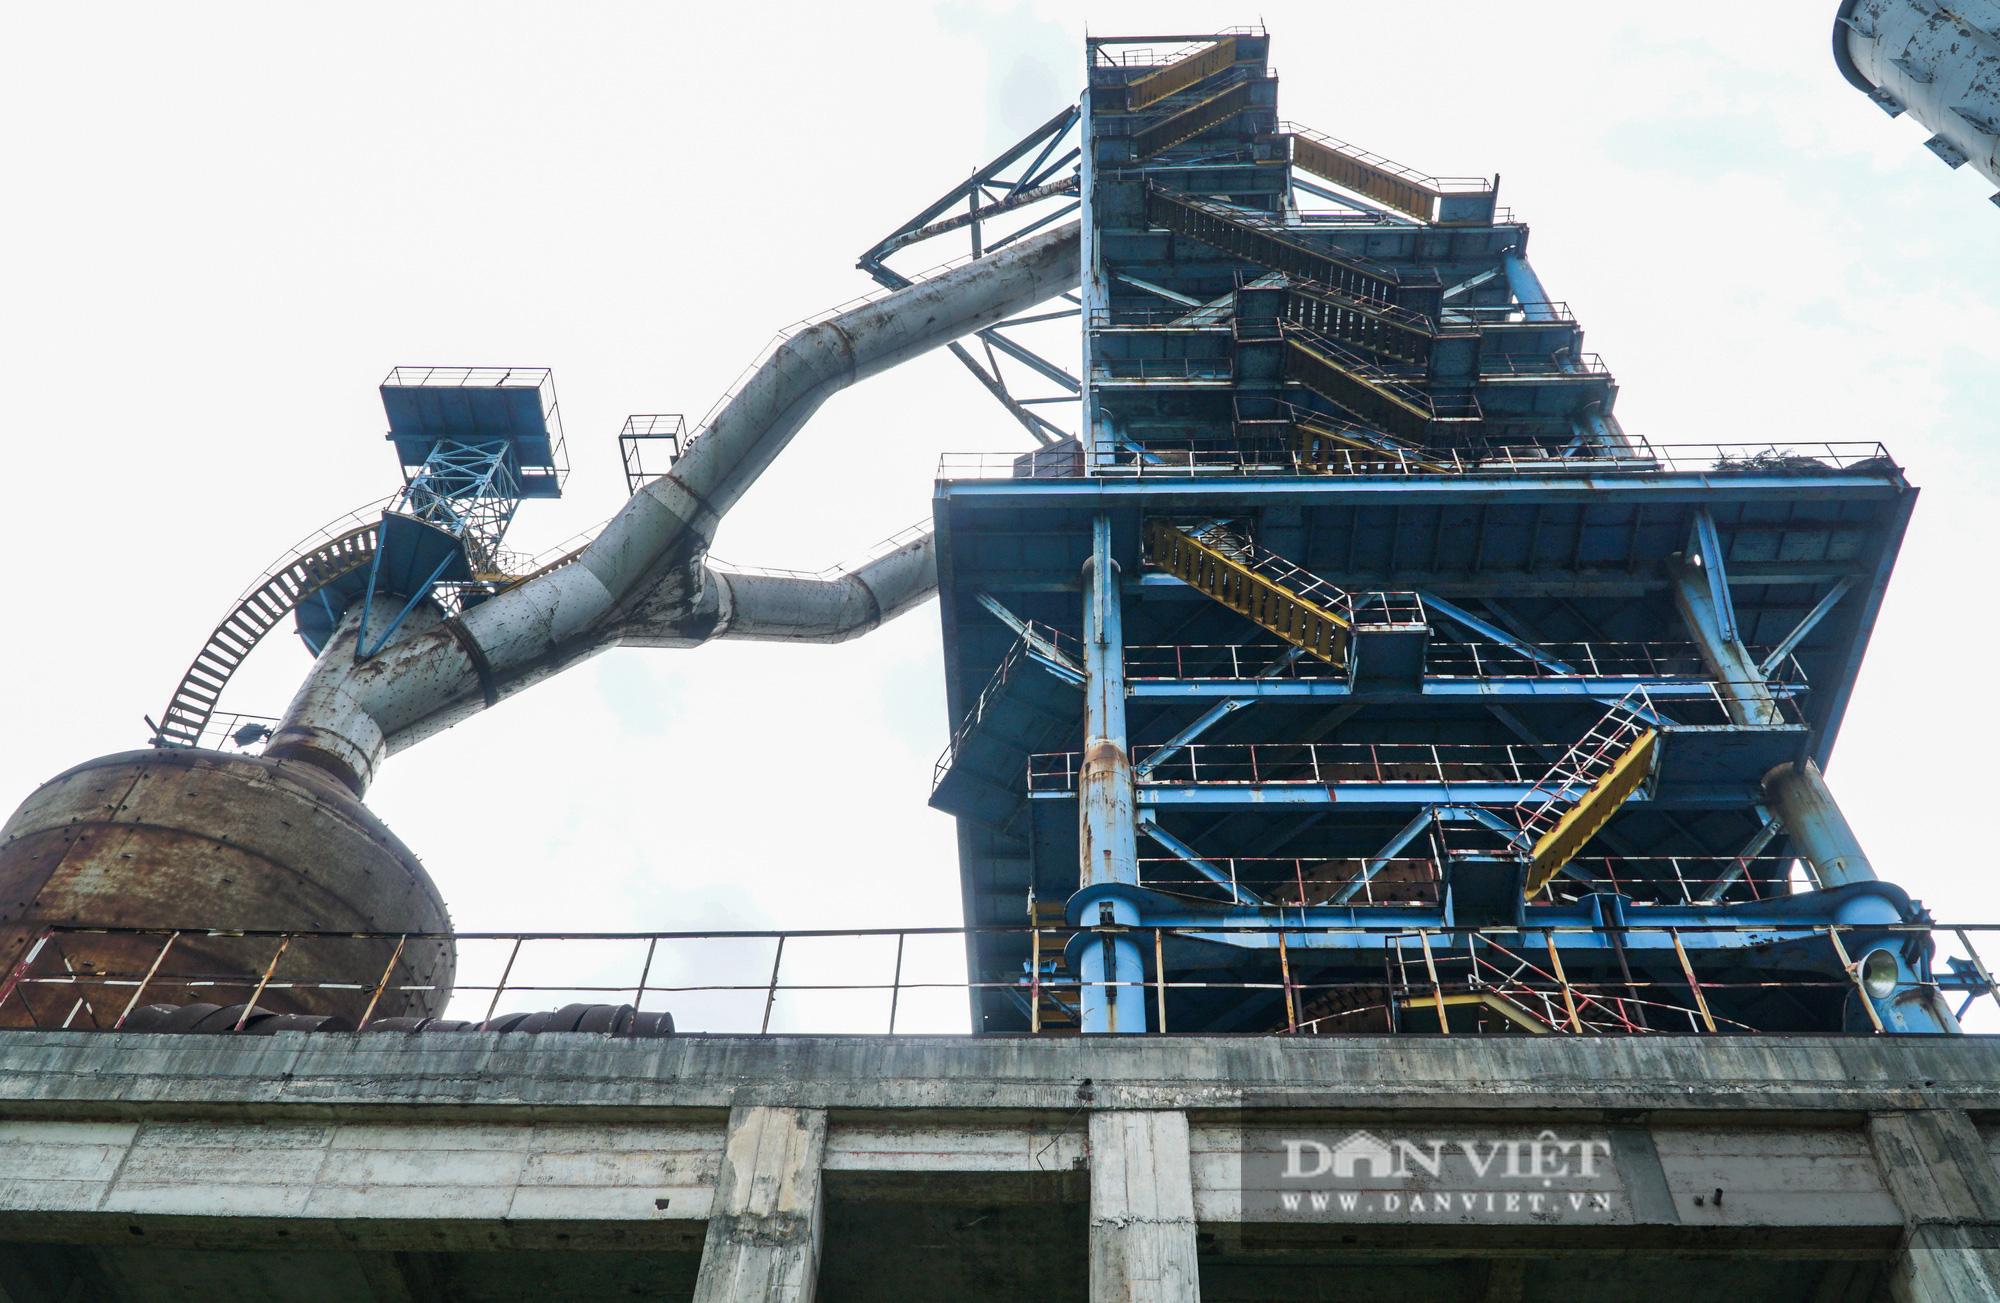 """Nhìn lại dự án nhà máy hơn 8 nghìn tỷ """"đắp chiếu"""" tại Thái Nguyên - Ảnh 7."""